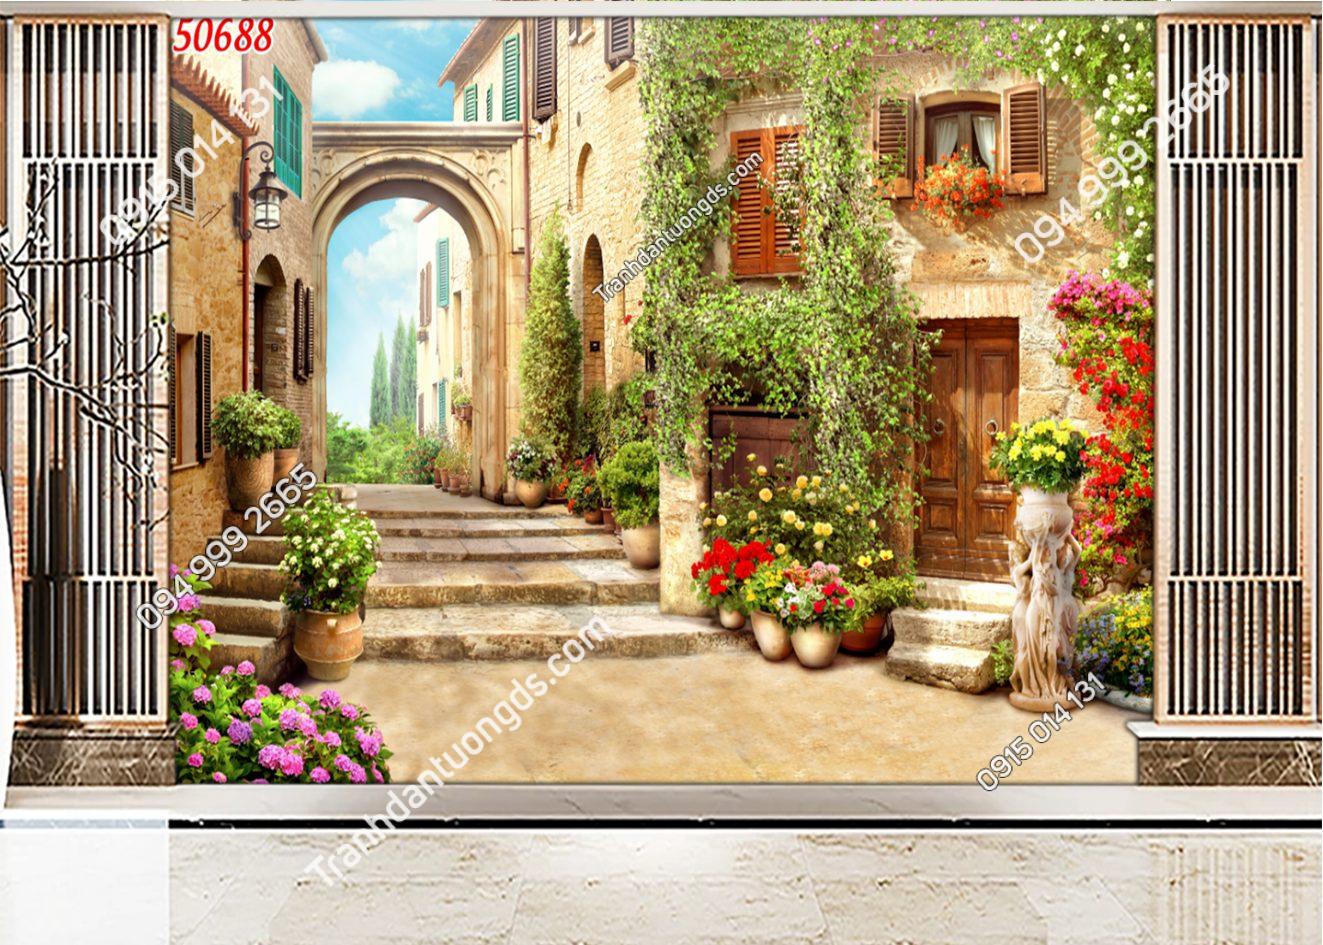 Tranh dán tường con đường hoa trong thành phố 50688